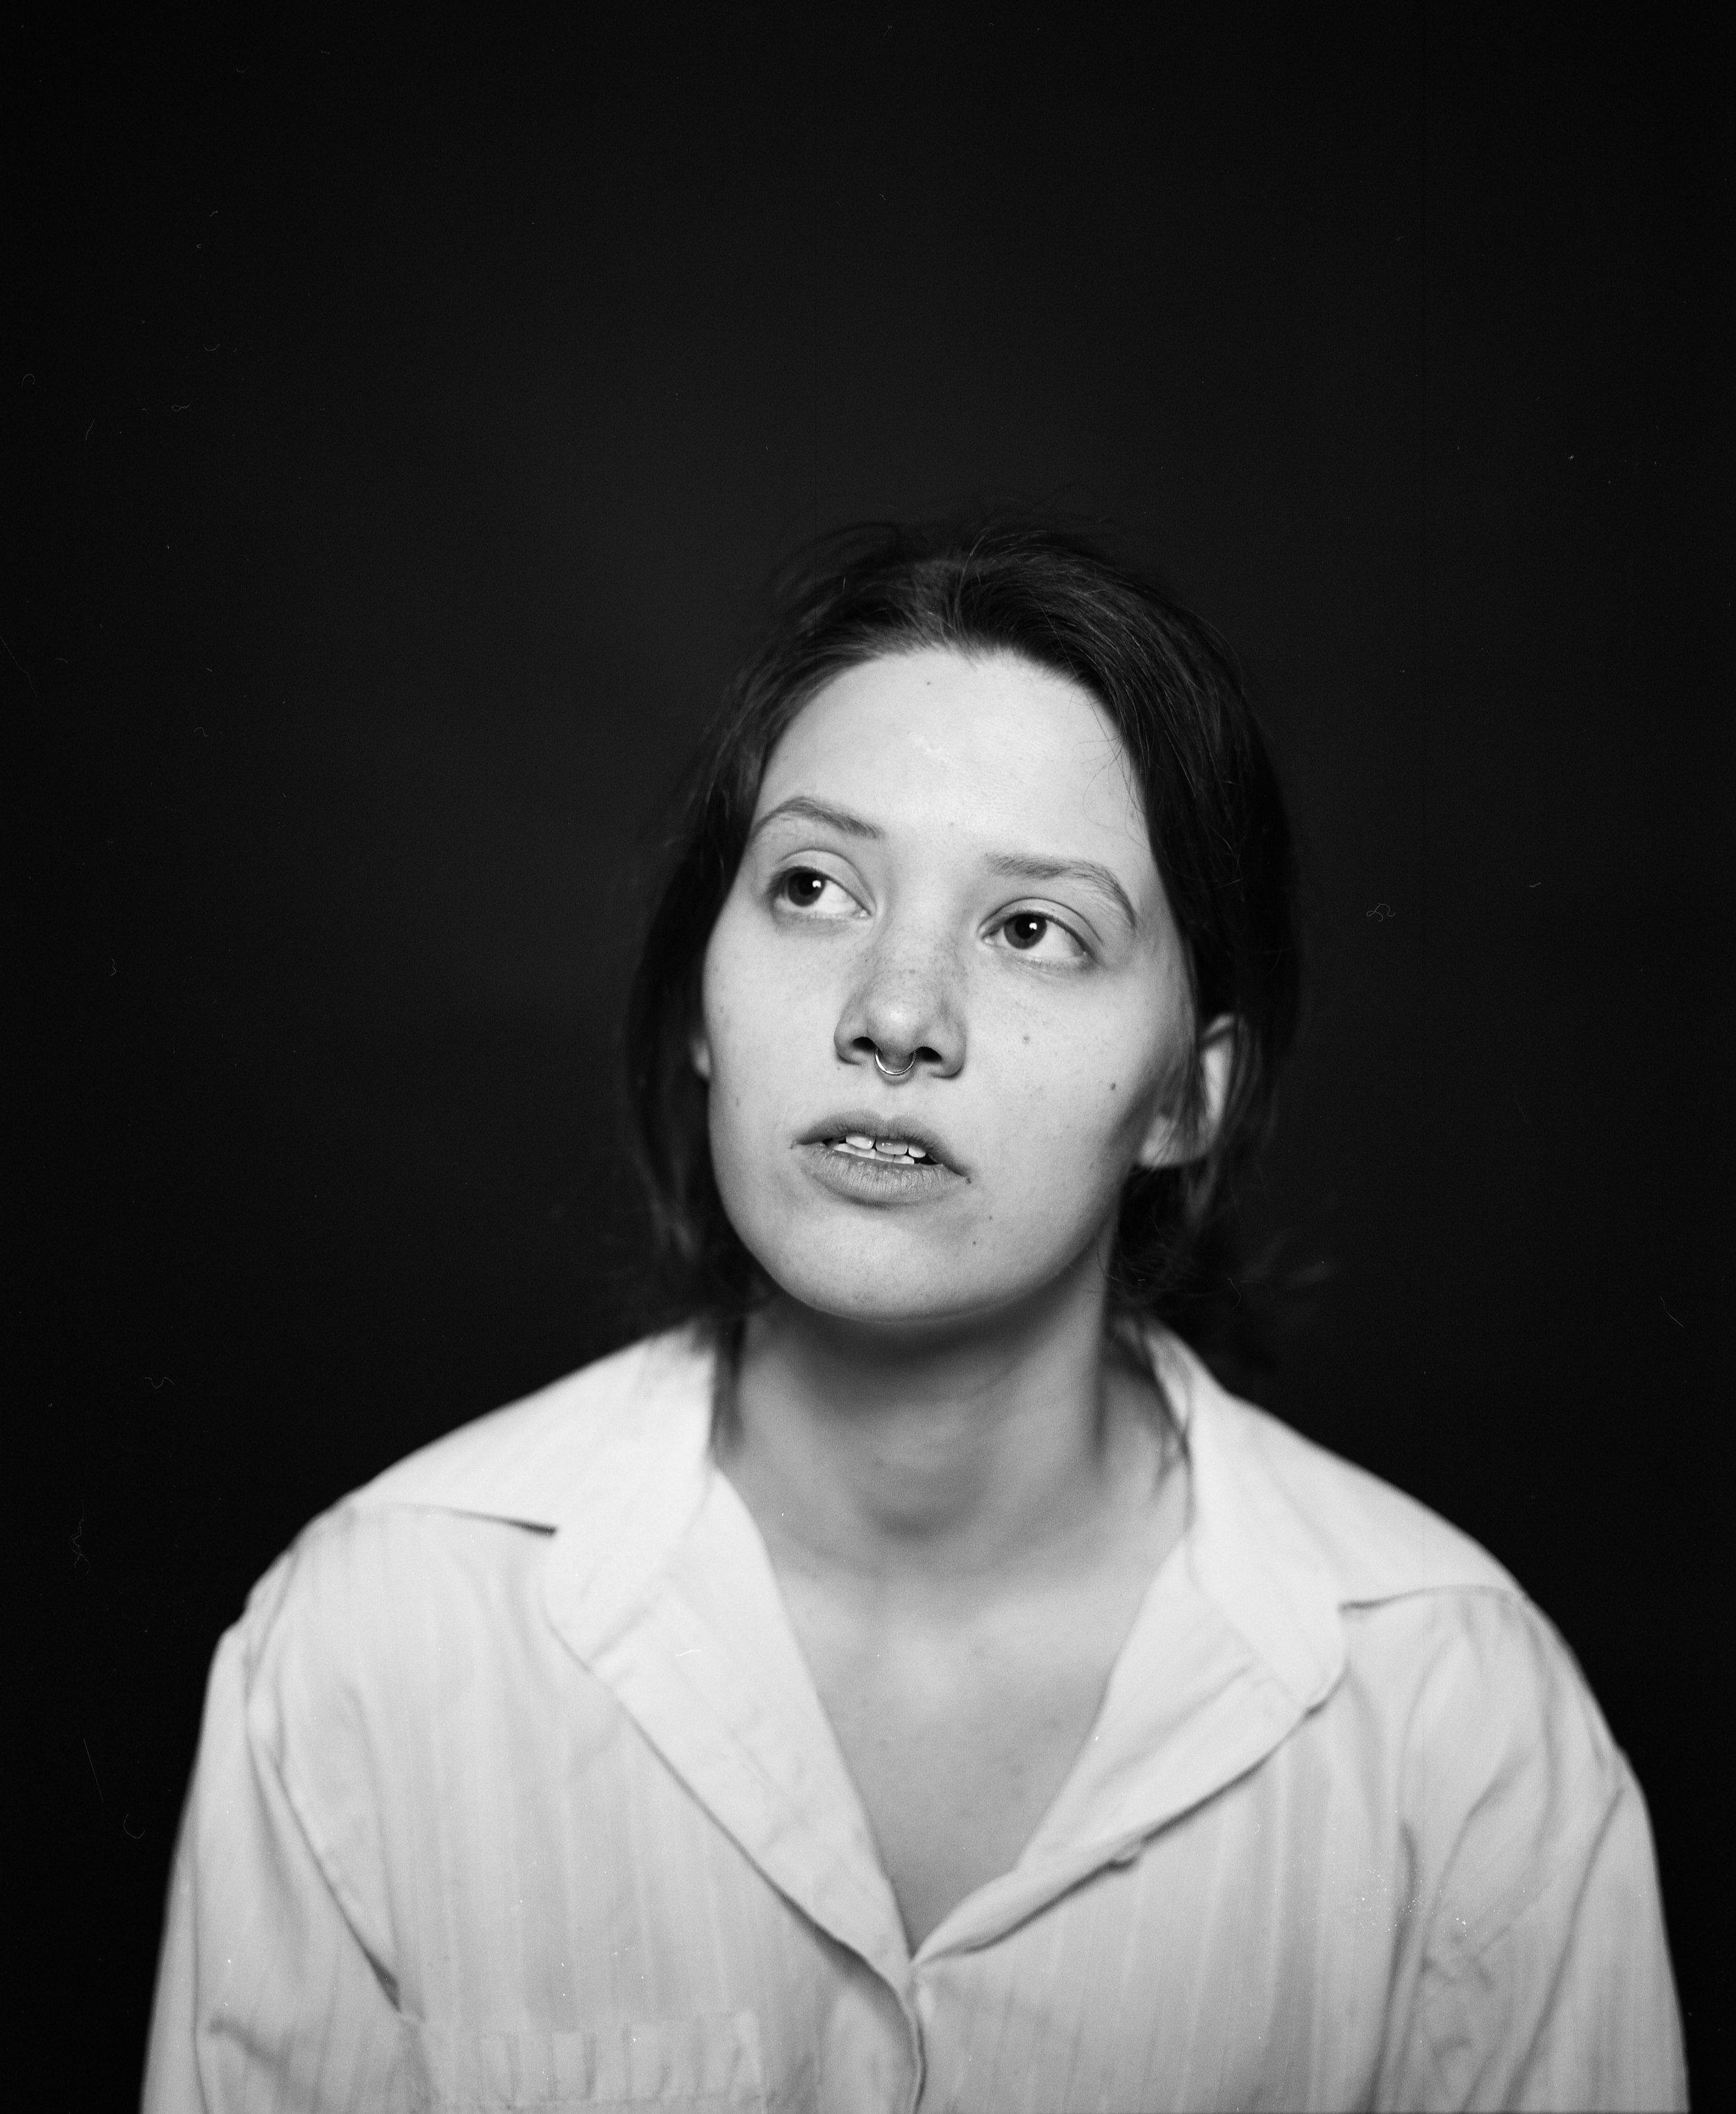 Adeele Kuslap, Artista, Leeds